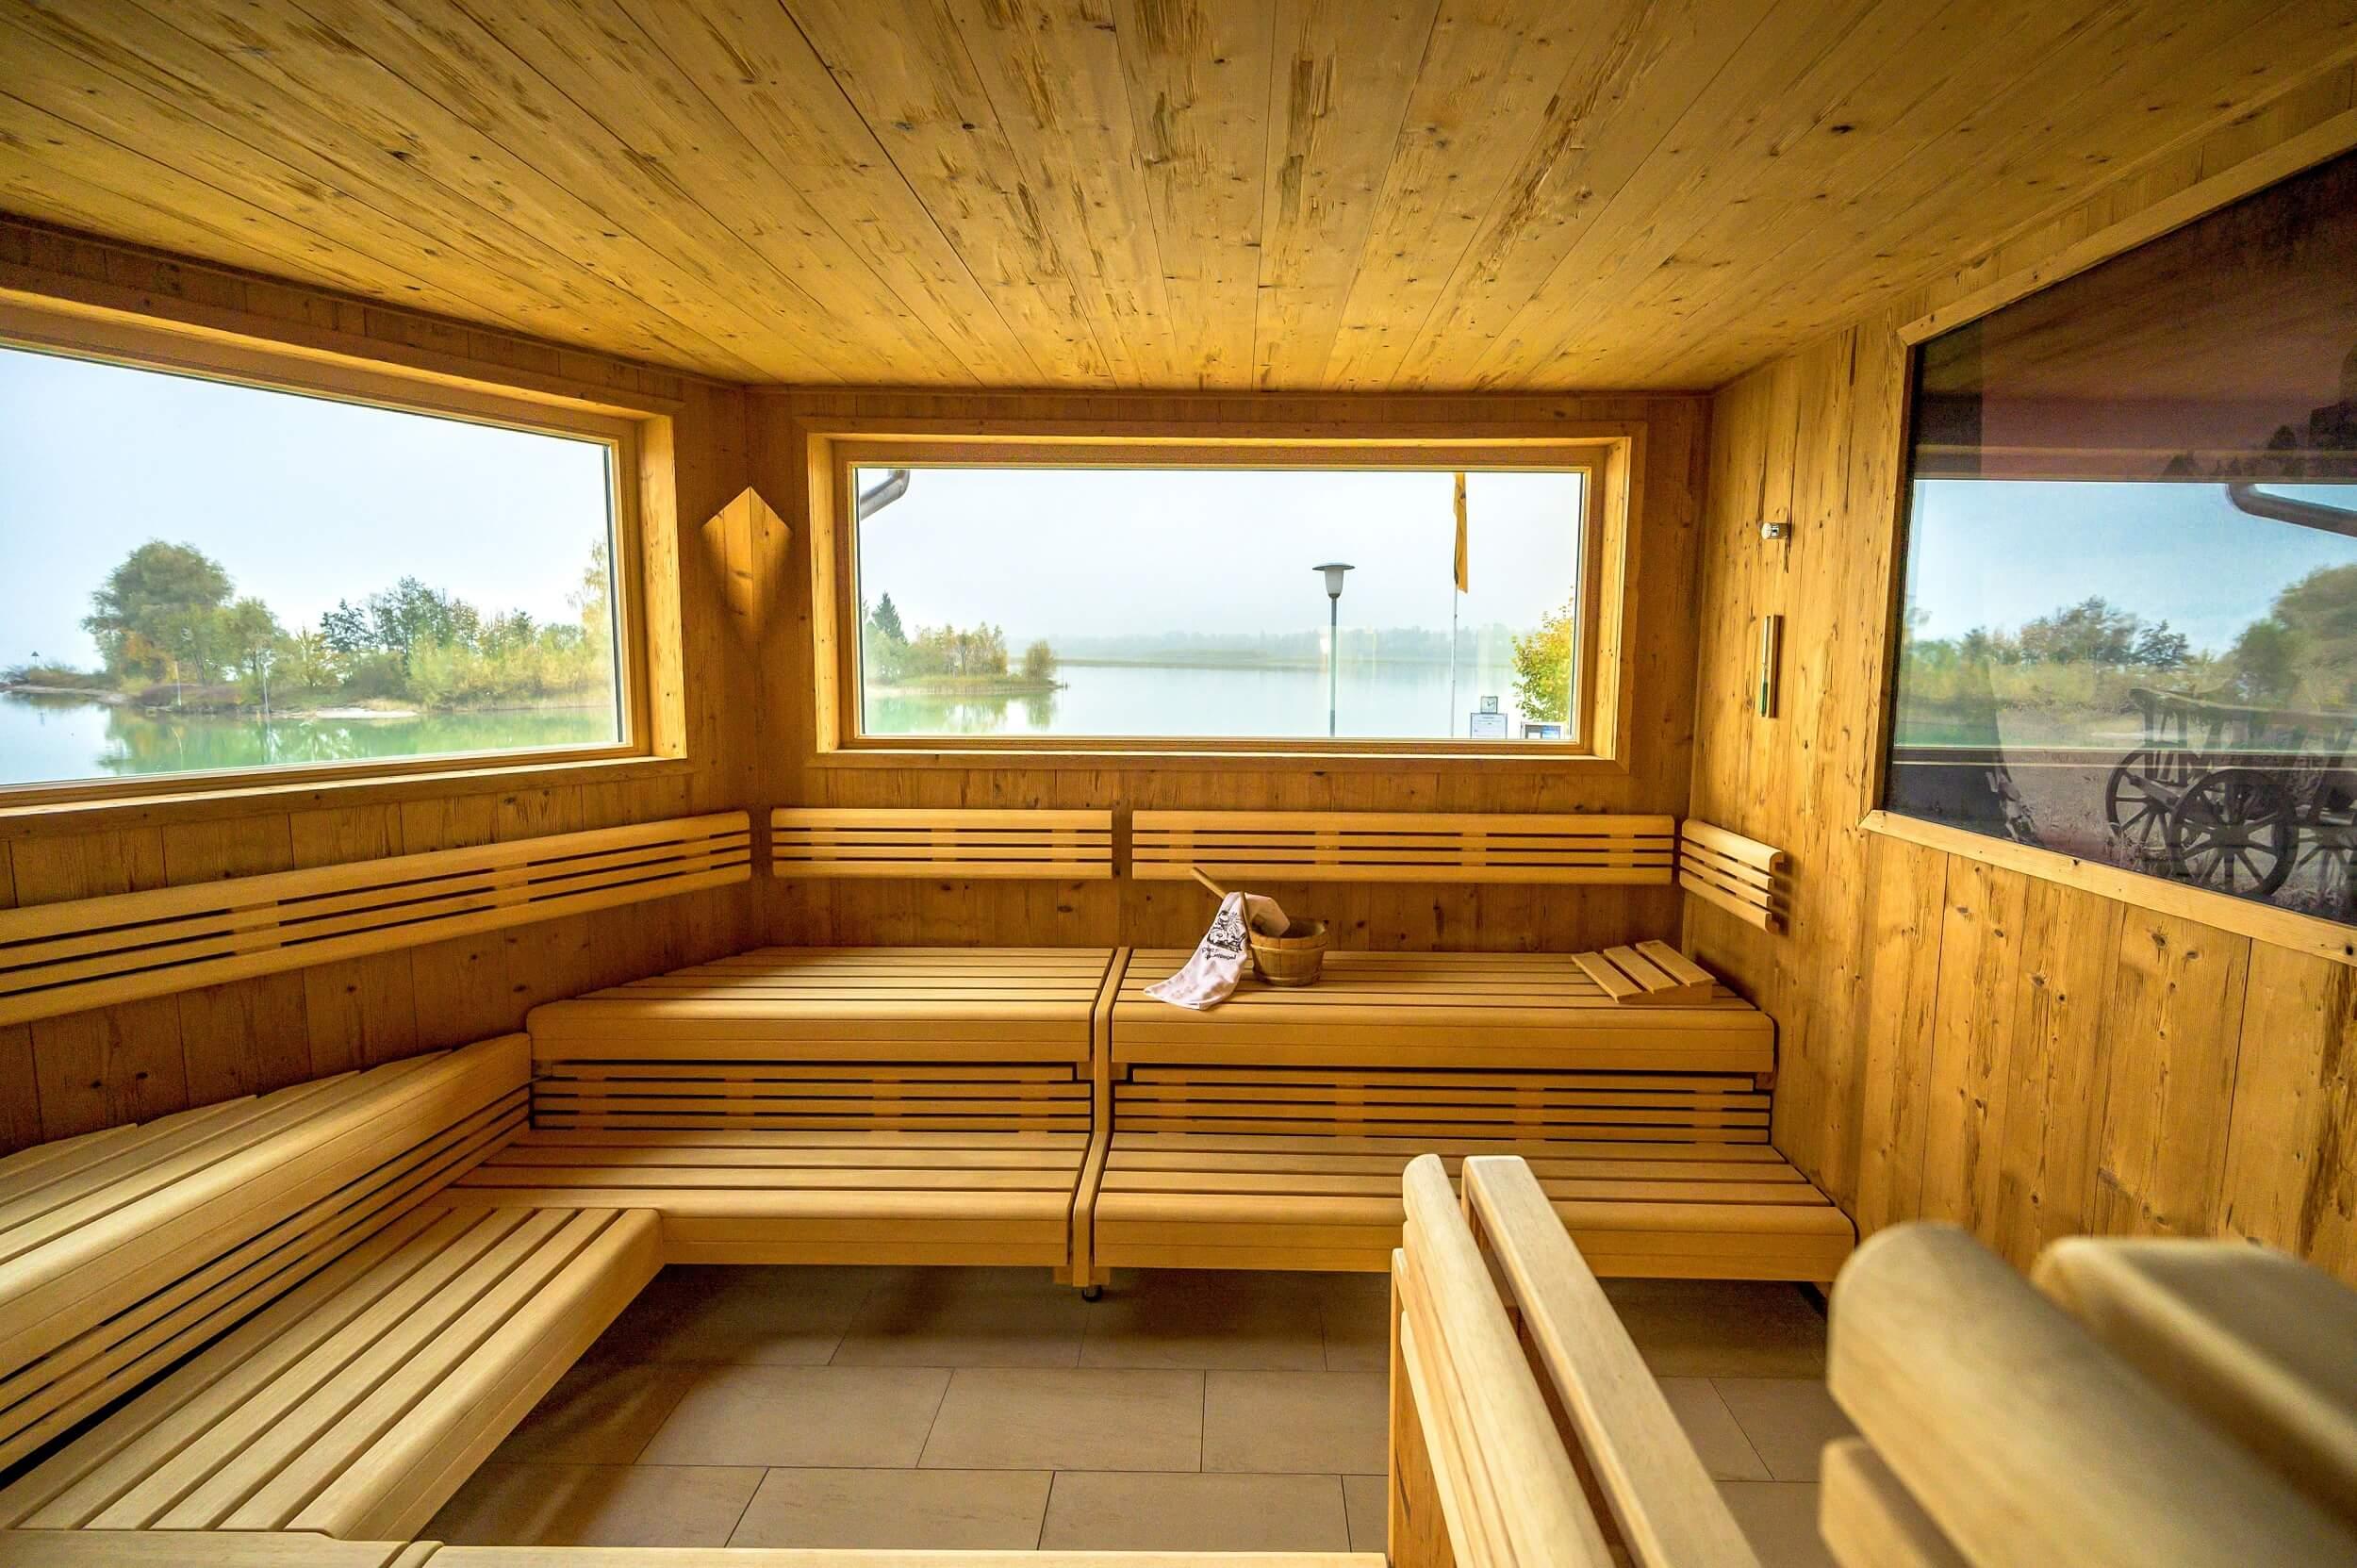 Urlaub- und Wellness-Hotel Sommer Füssen Sauna